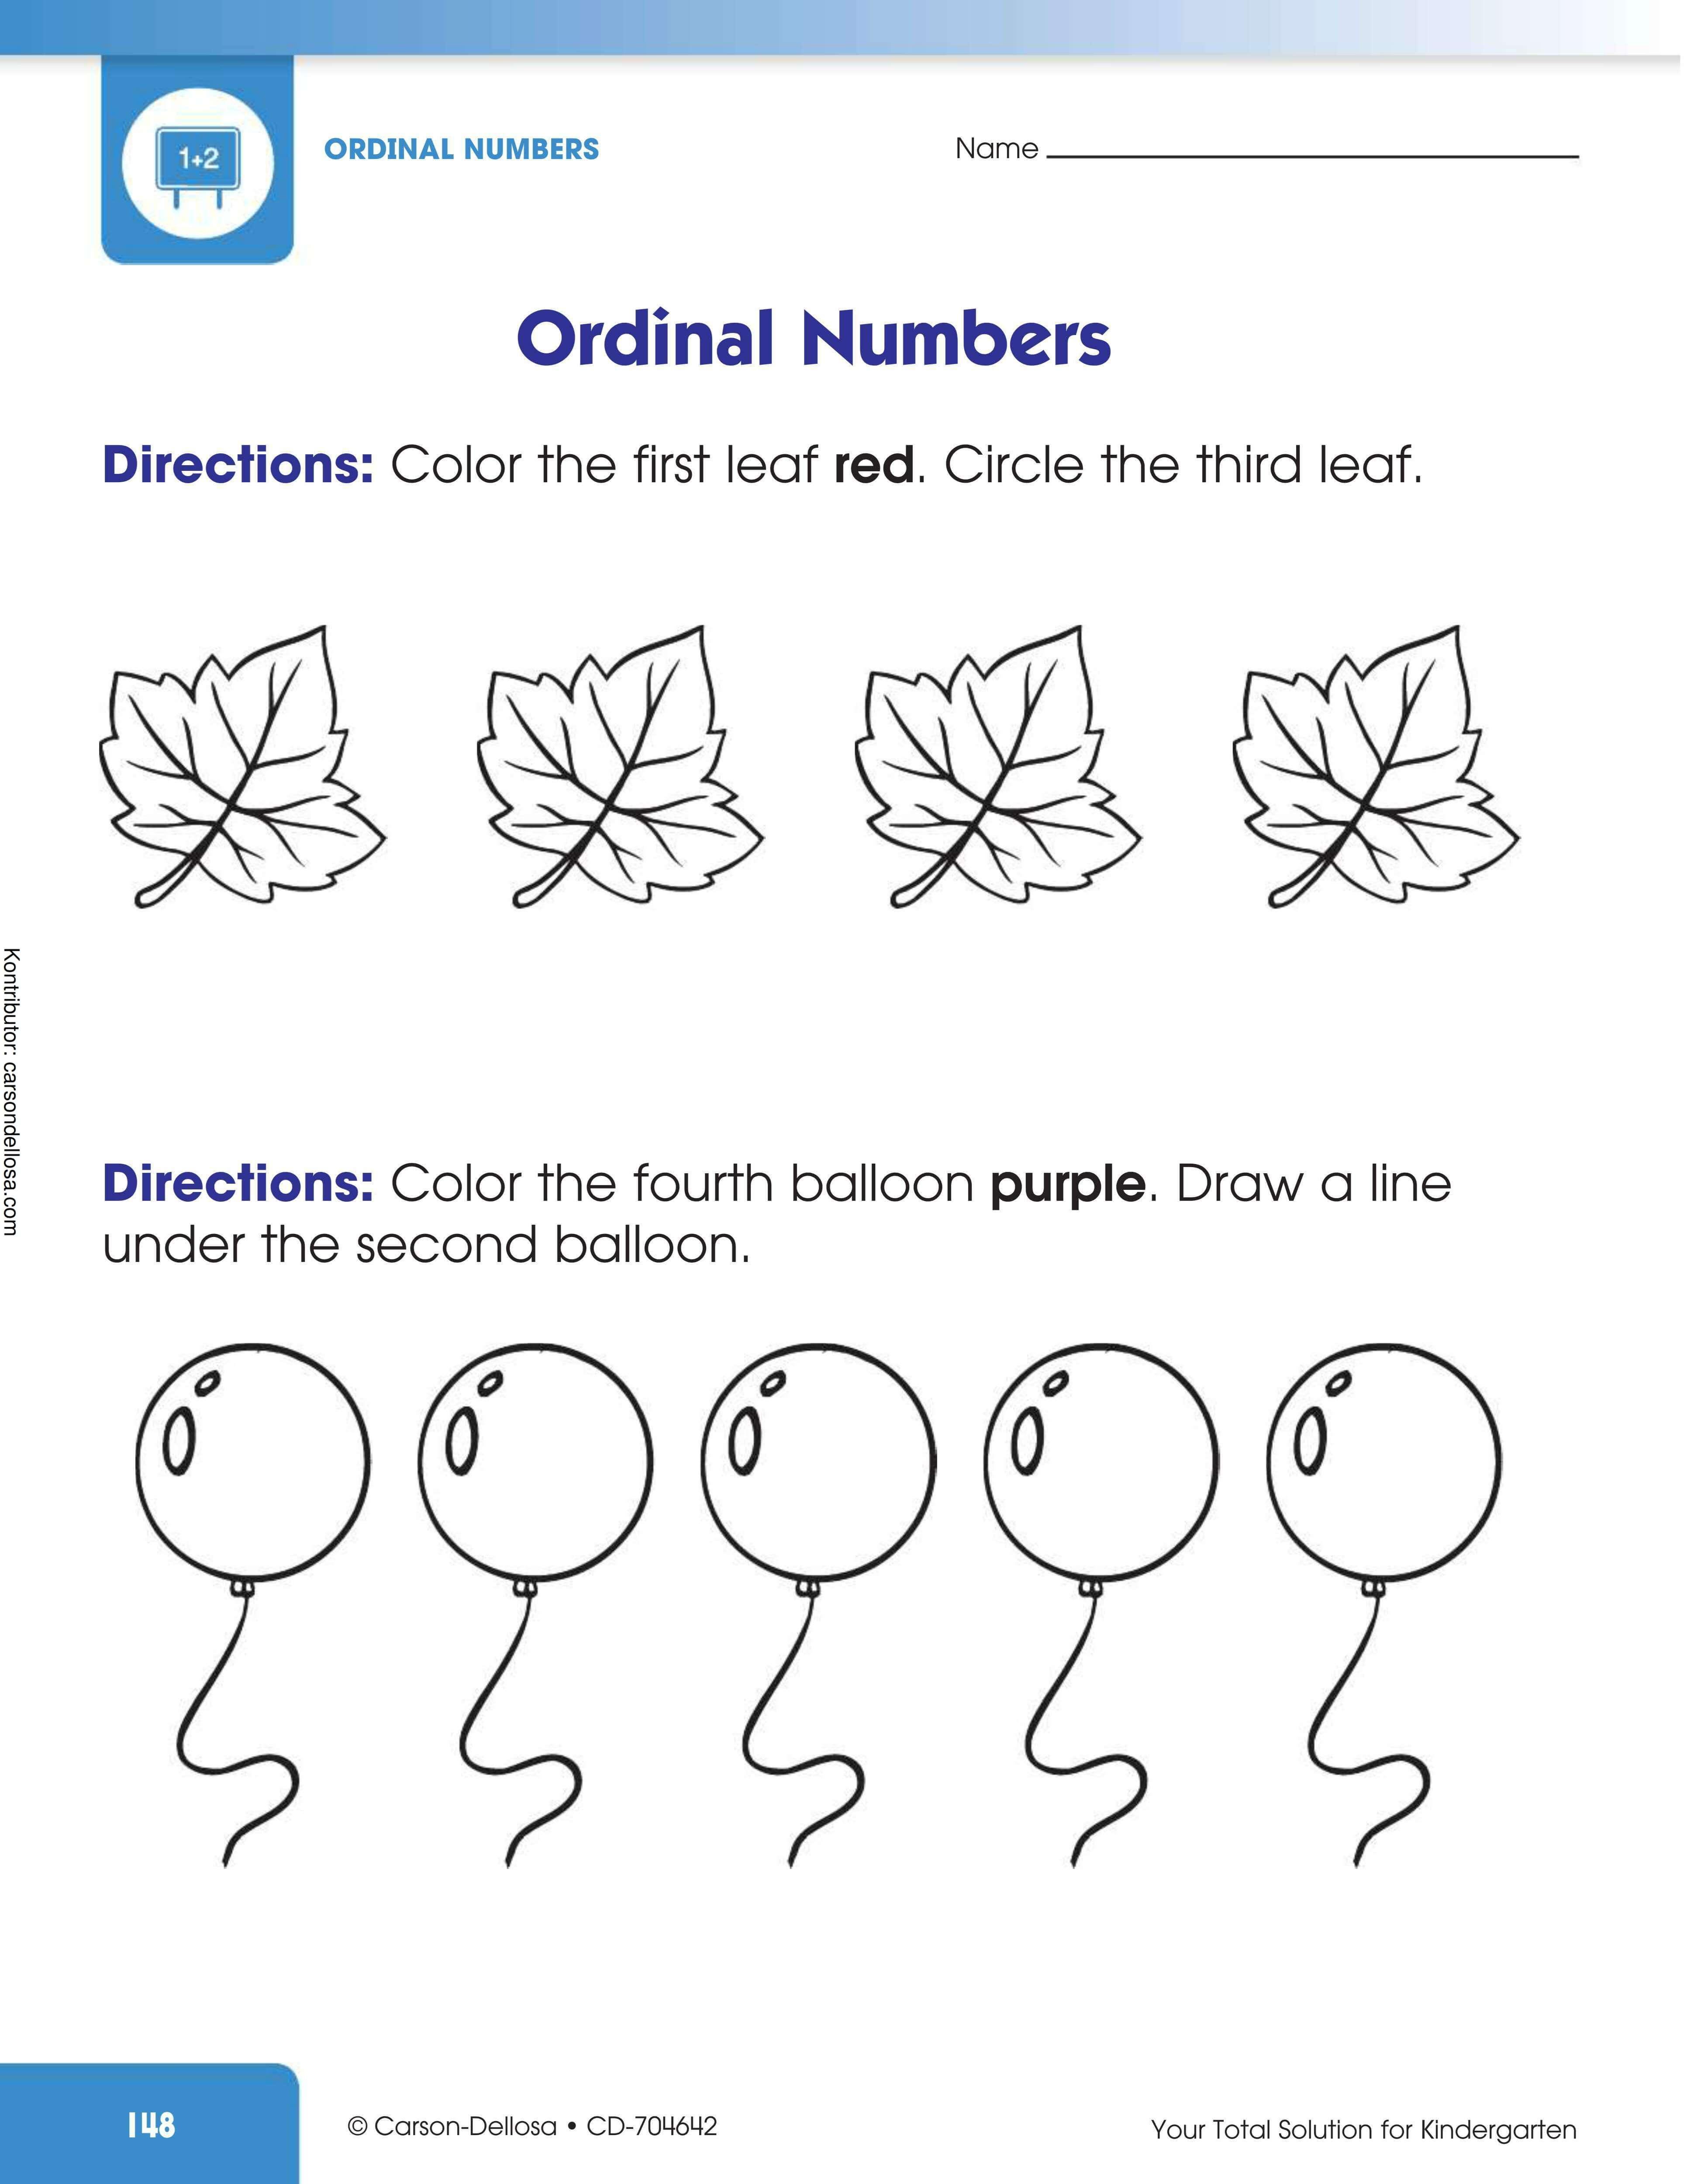 Belajar Mengenal Ordinal Numbers